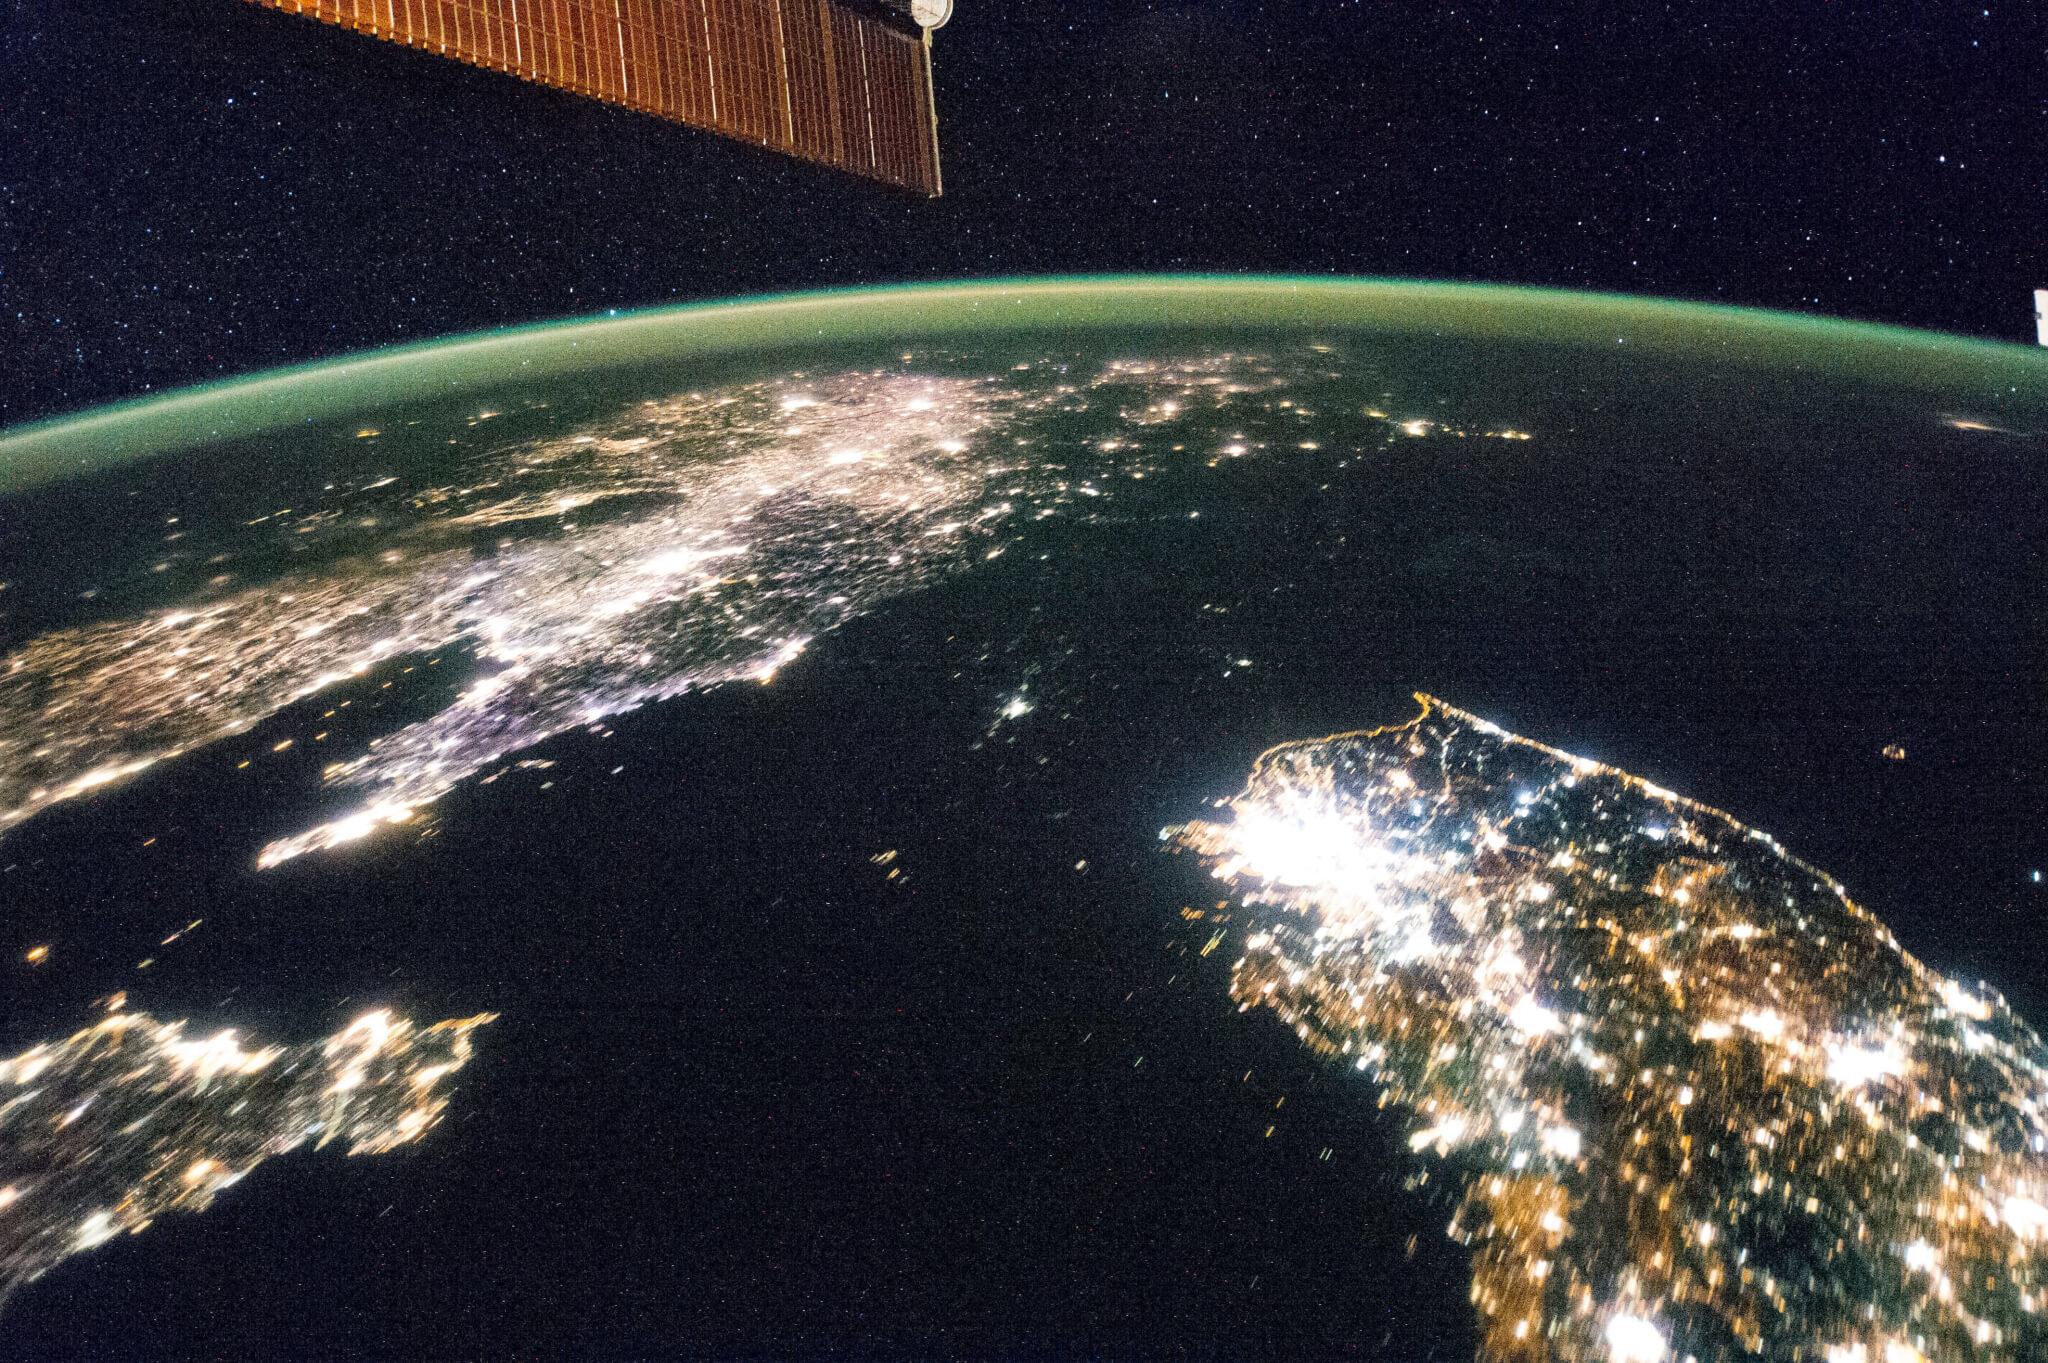 """חצי האי קוריאה בלילה, תמונת לווין של נאס""""א"""